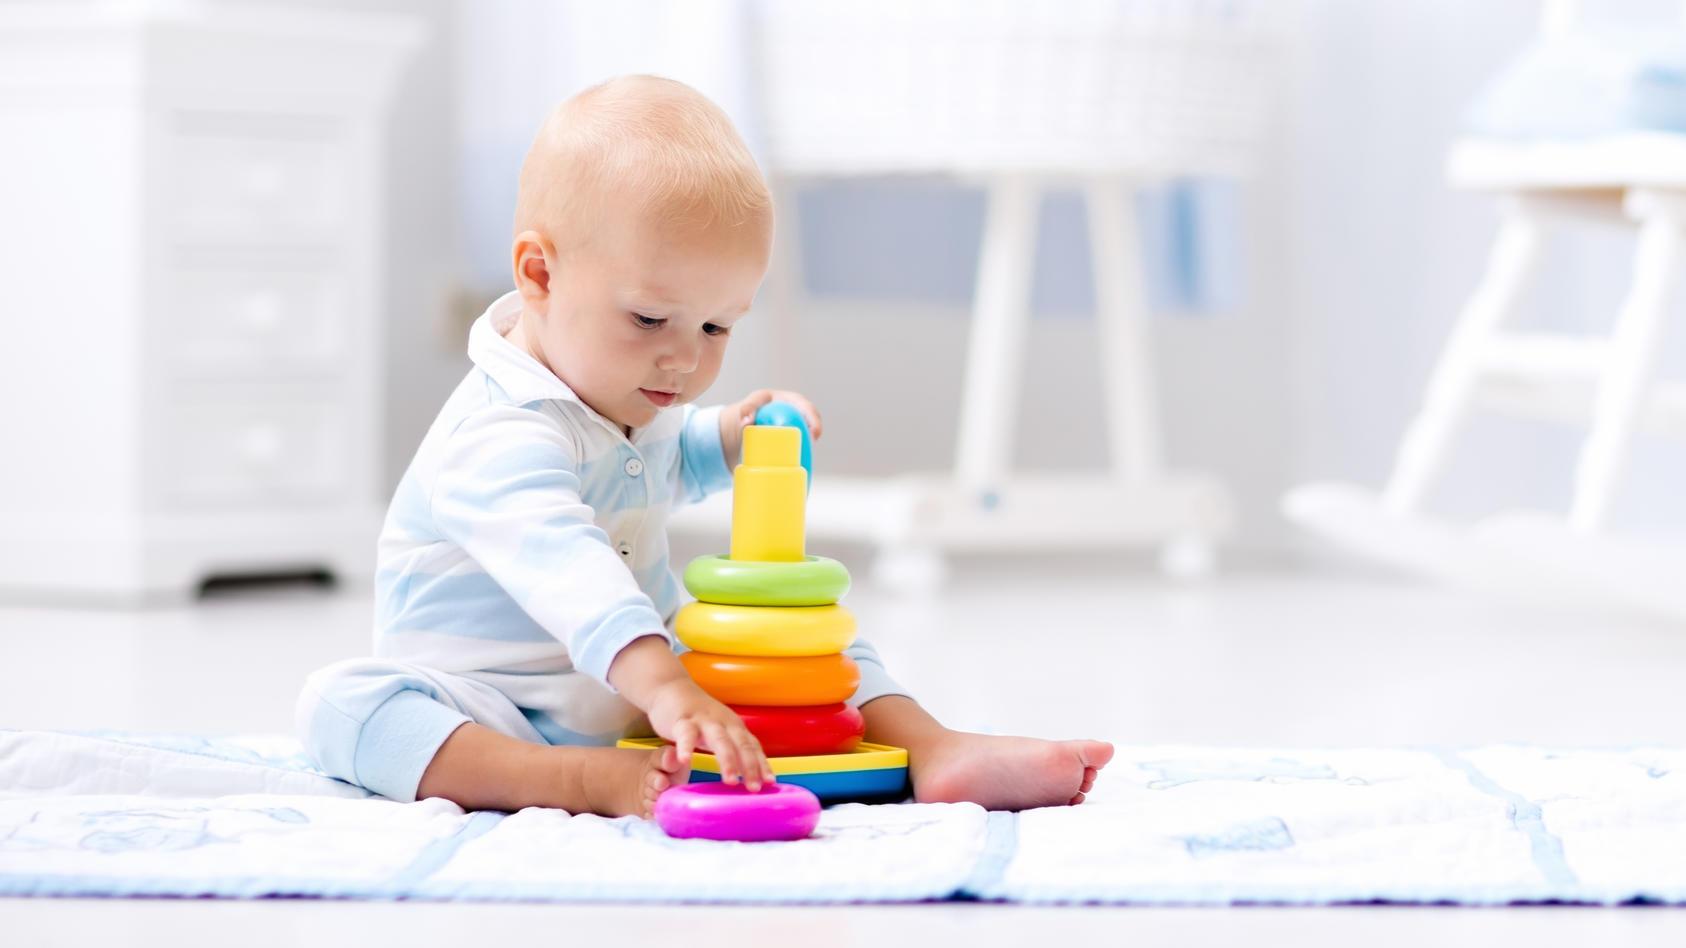 Im 7. Monat können Babys bereits alleine sitzen und stärken zunehmend ihre motorischen, geistigen und emotionalen Fähigkeiten.